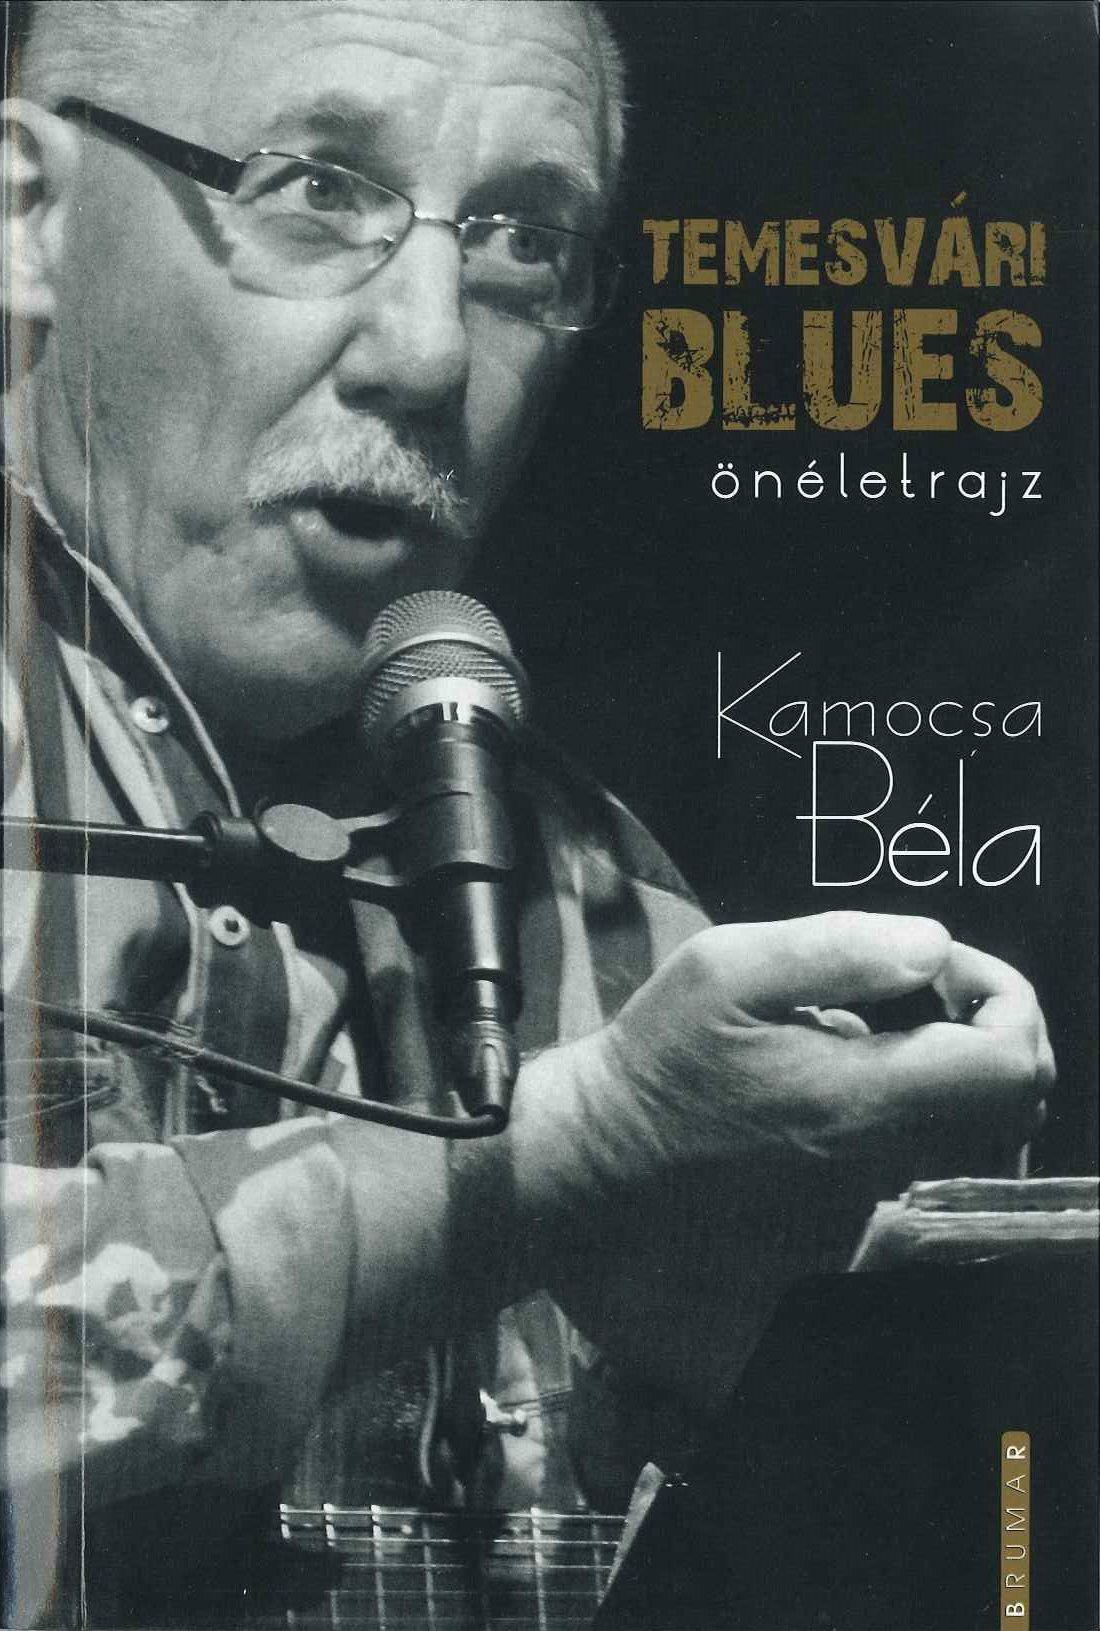 Kamocsa Béla – Temesvári Blues – önéletrajz - Temesváros